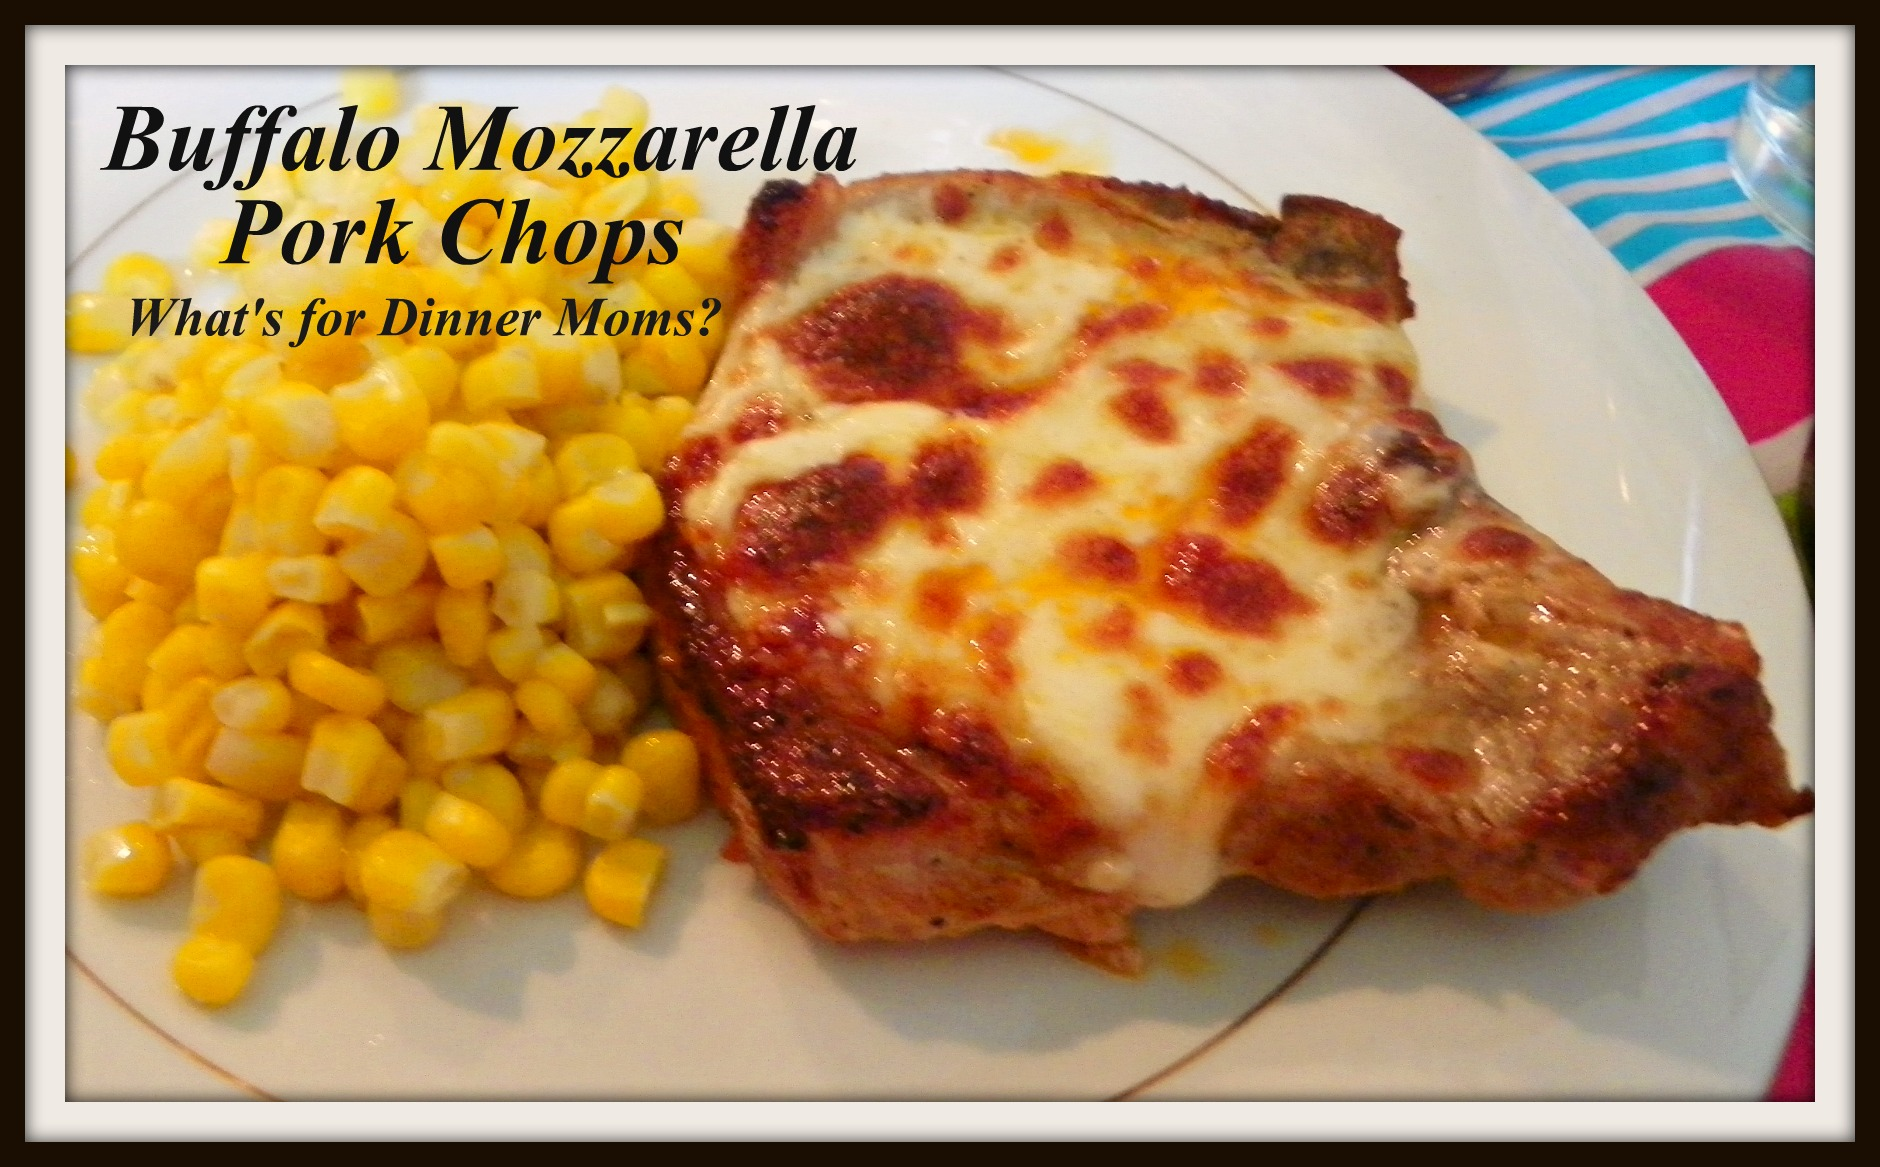 buffalo style mozzarella pork chops